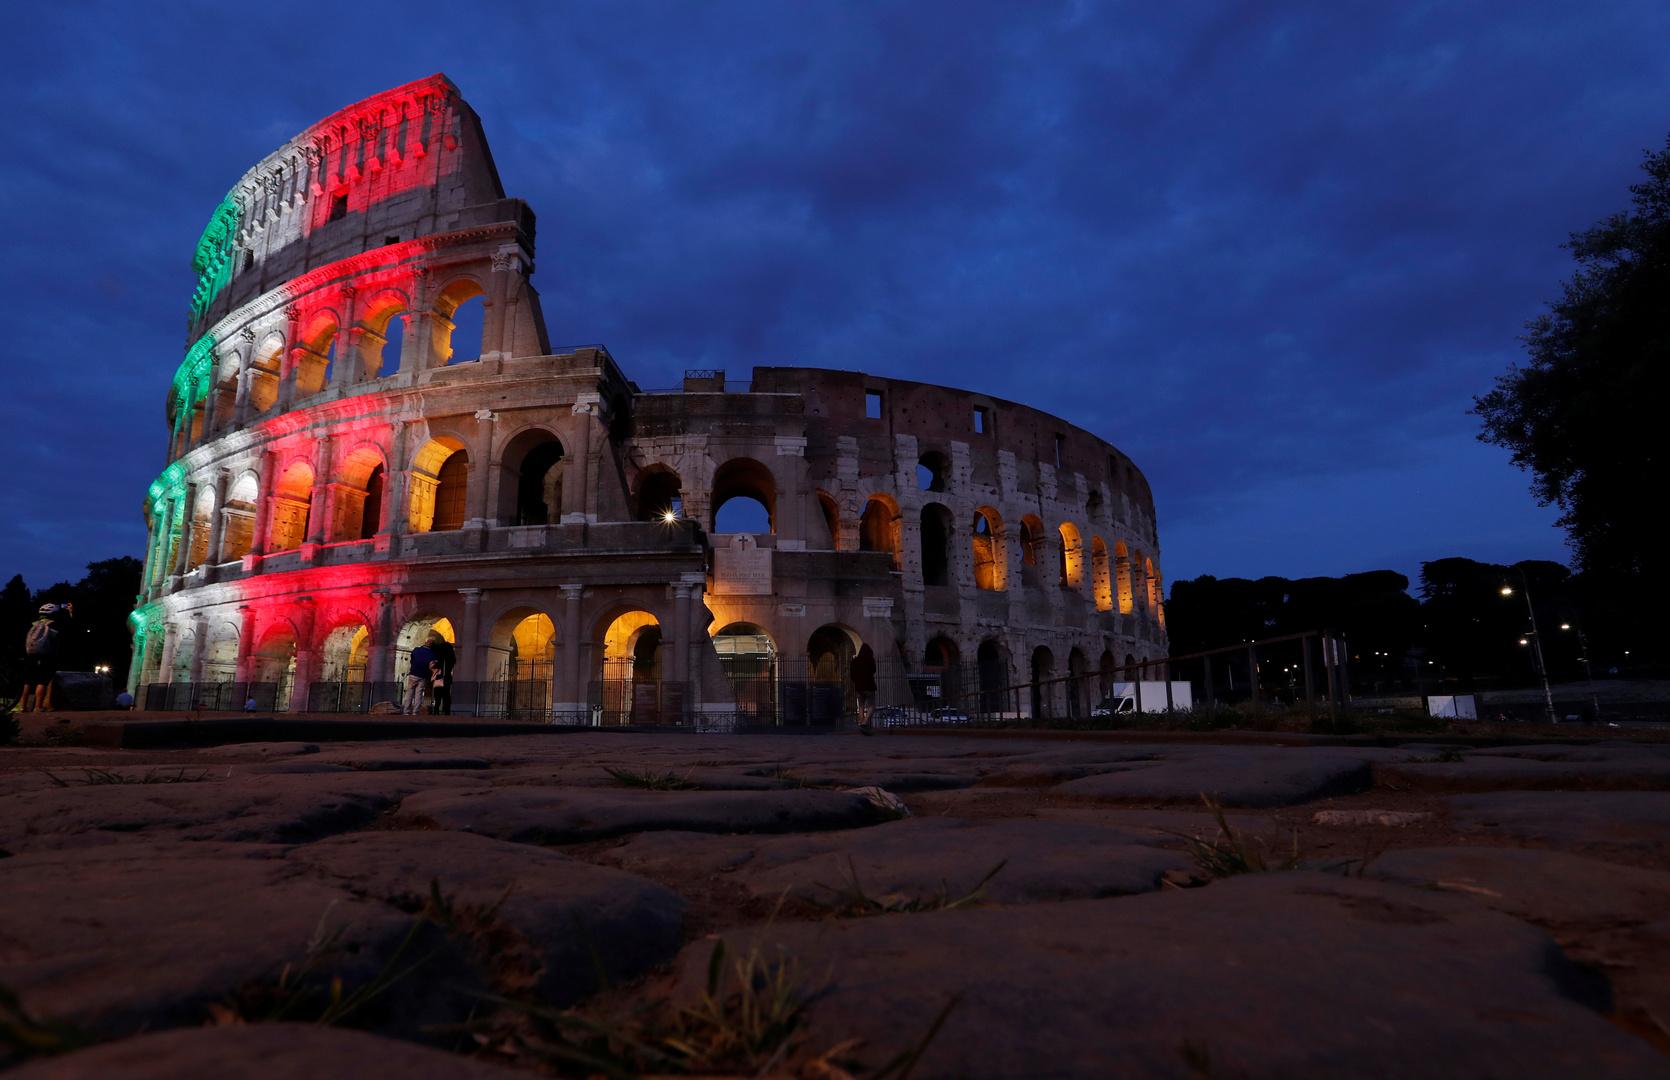 روما: فرص عديدة لشركاتنا لإبرام اتفاقات في ليبيا